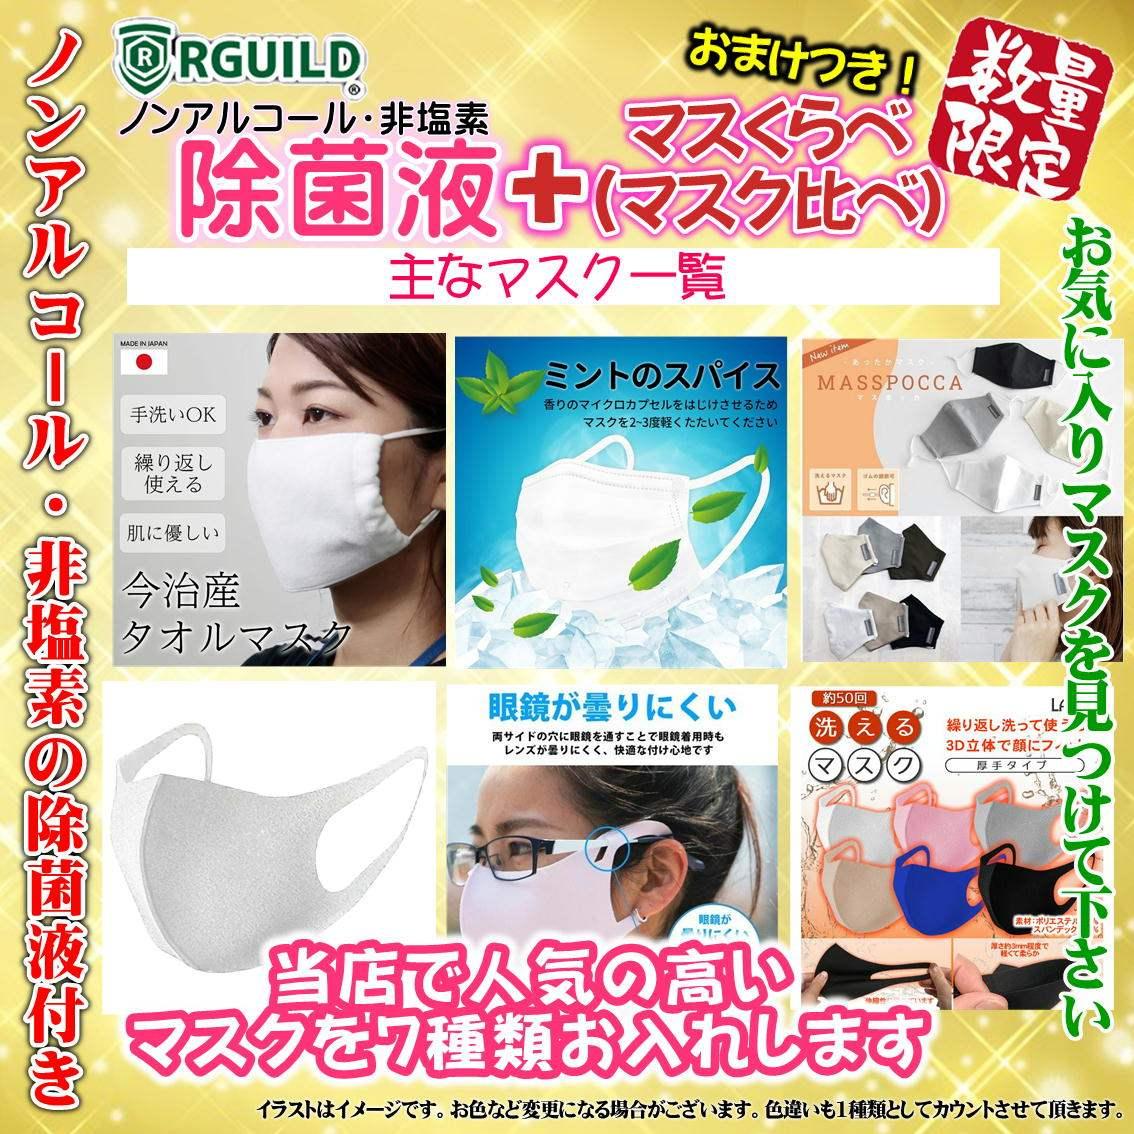 感染症対策応援プライス!おまけ1個付き!  マスク比べ(マスくらべ)あなたに合うマスクを!+ノンアルコール・非塩素除菌液セット 合計8点+おまけ付